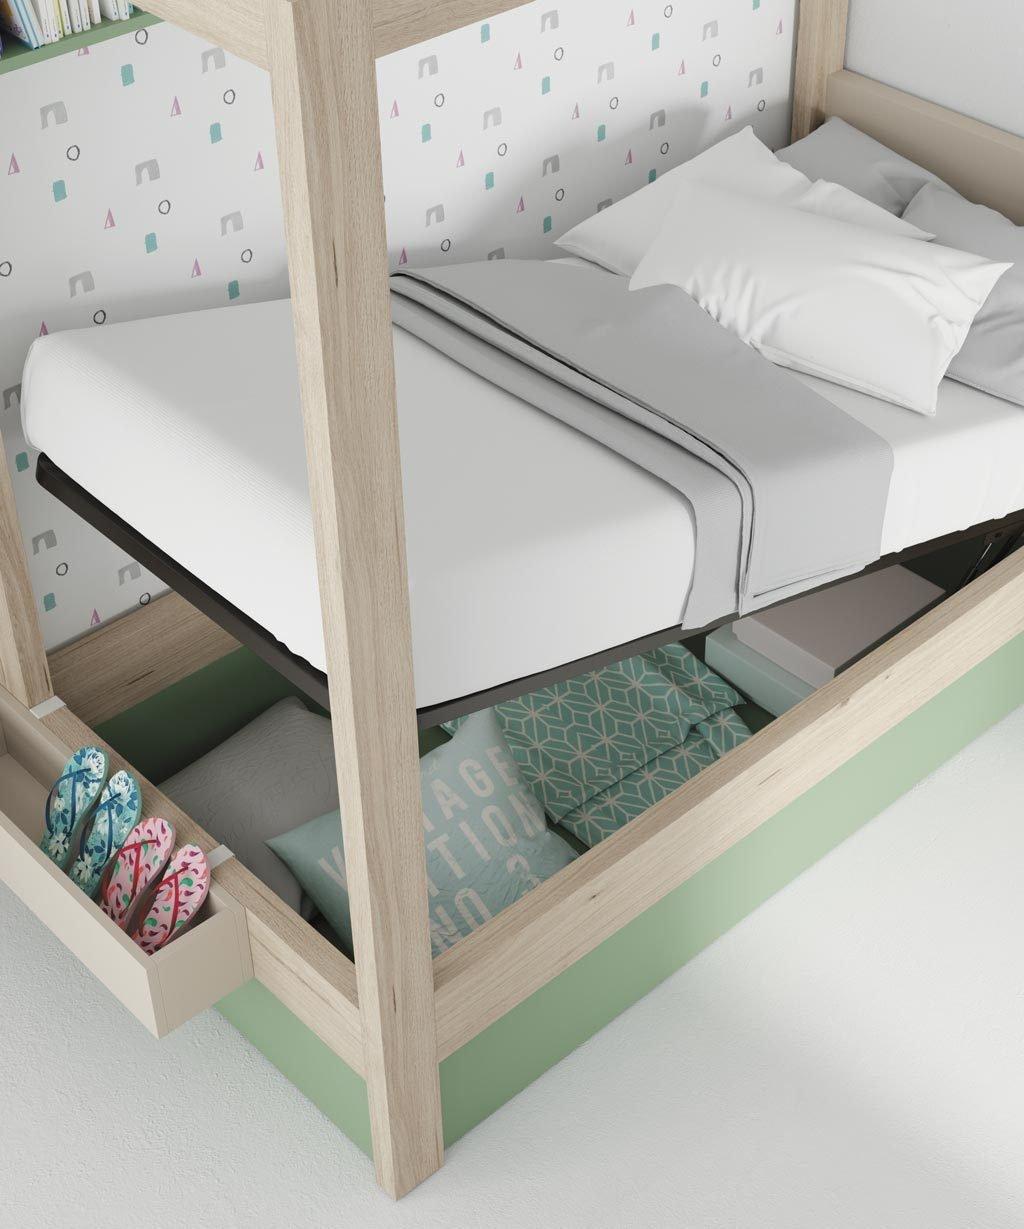 Detalle de la cama canapé abierta para tener la habitación en orden